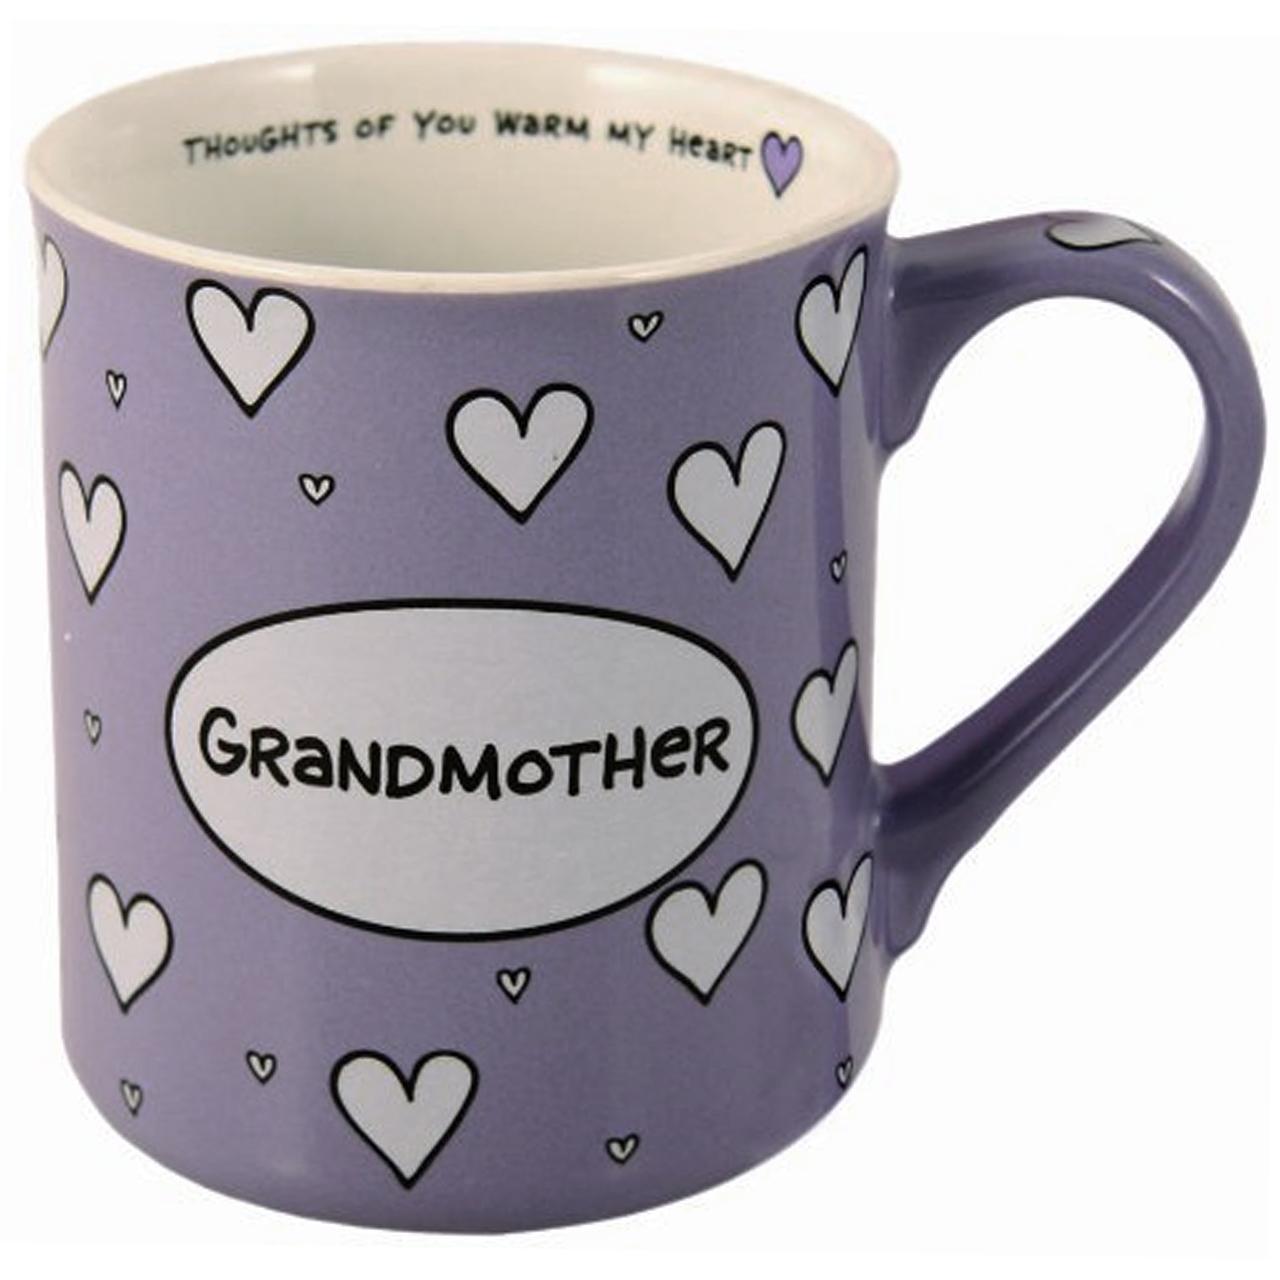 ماگ حرارتی آور نیم ایز ماد مدل Grandmother